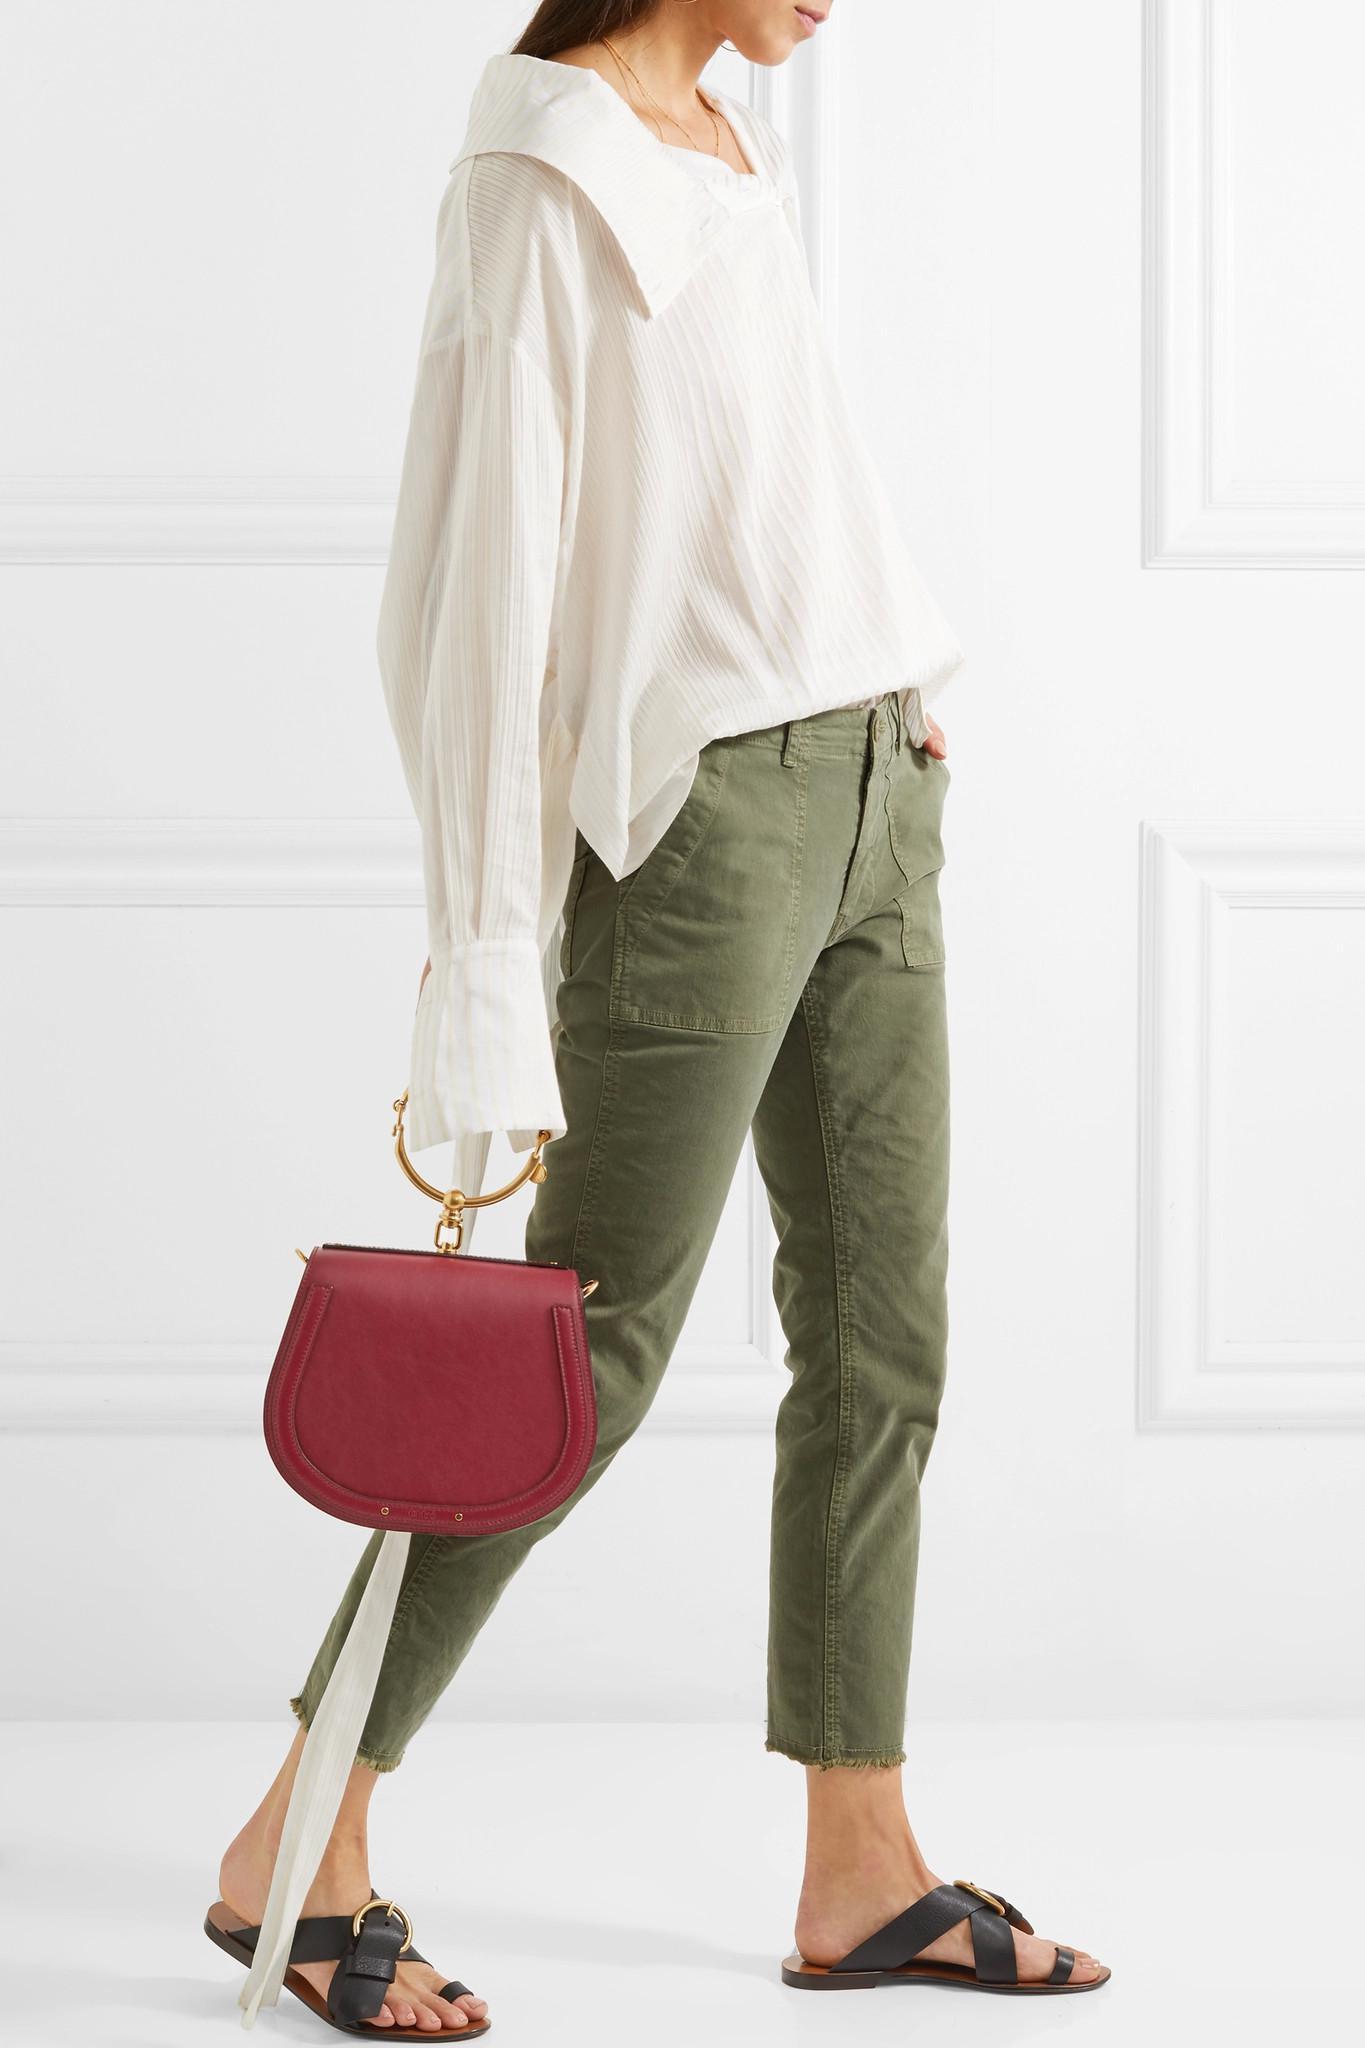 Chlo 233 Nile Bracelet Medium Leather And Suede Shoulder Bag